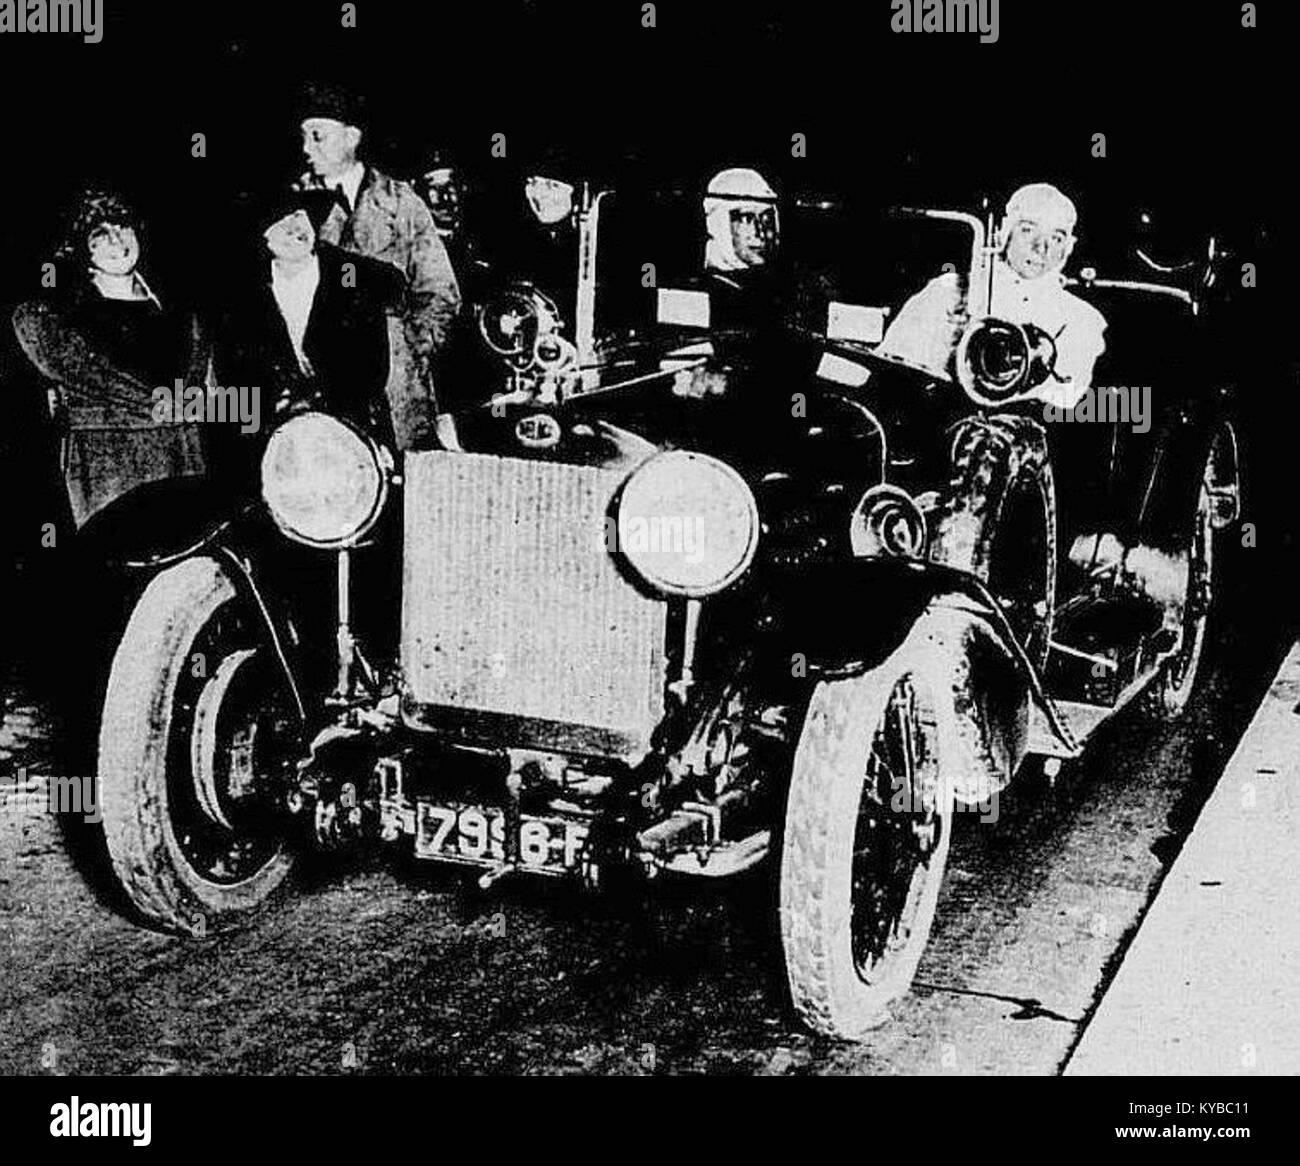 Maurice Béquet, recordman du trajet Paris-Madrid en 1922, sur Delage 11HP - Stock Image